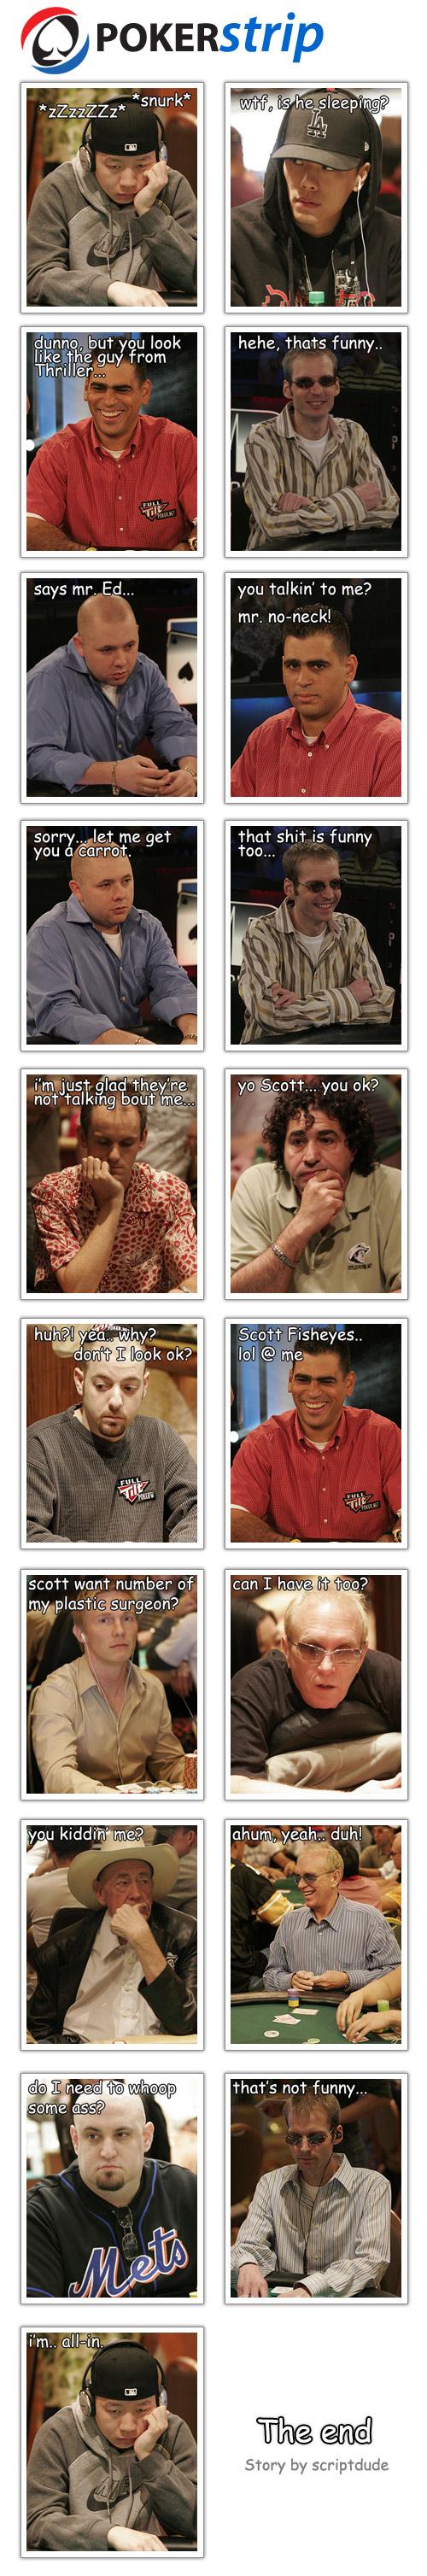 Poker Strip 101